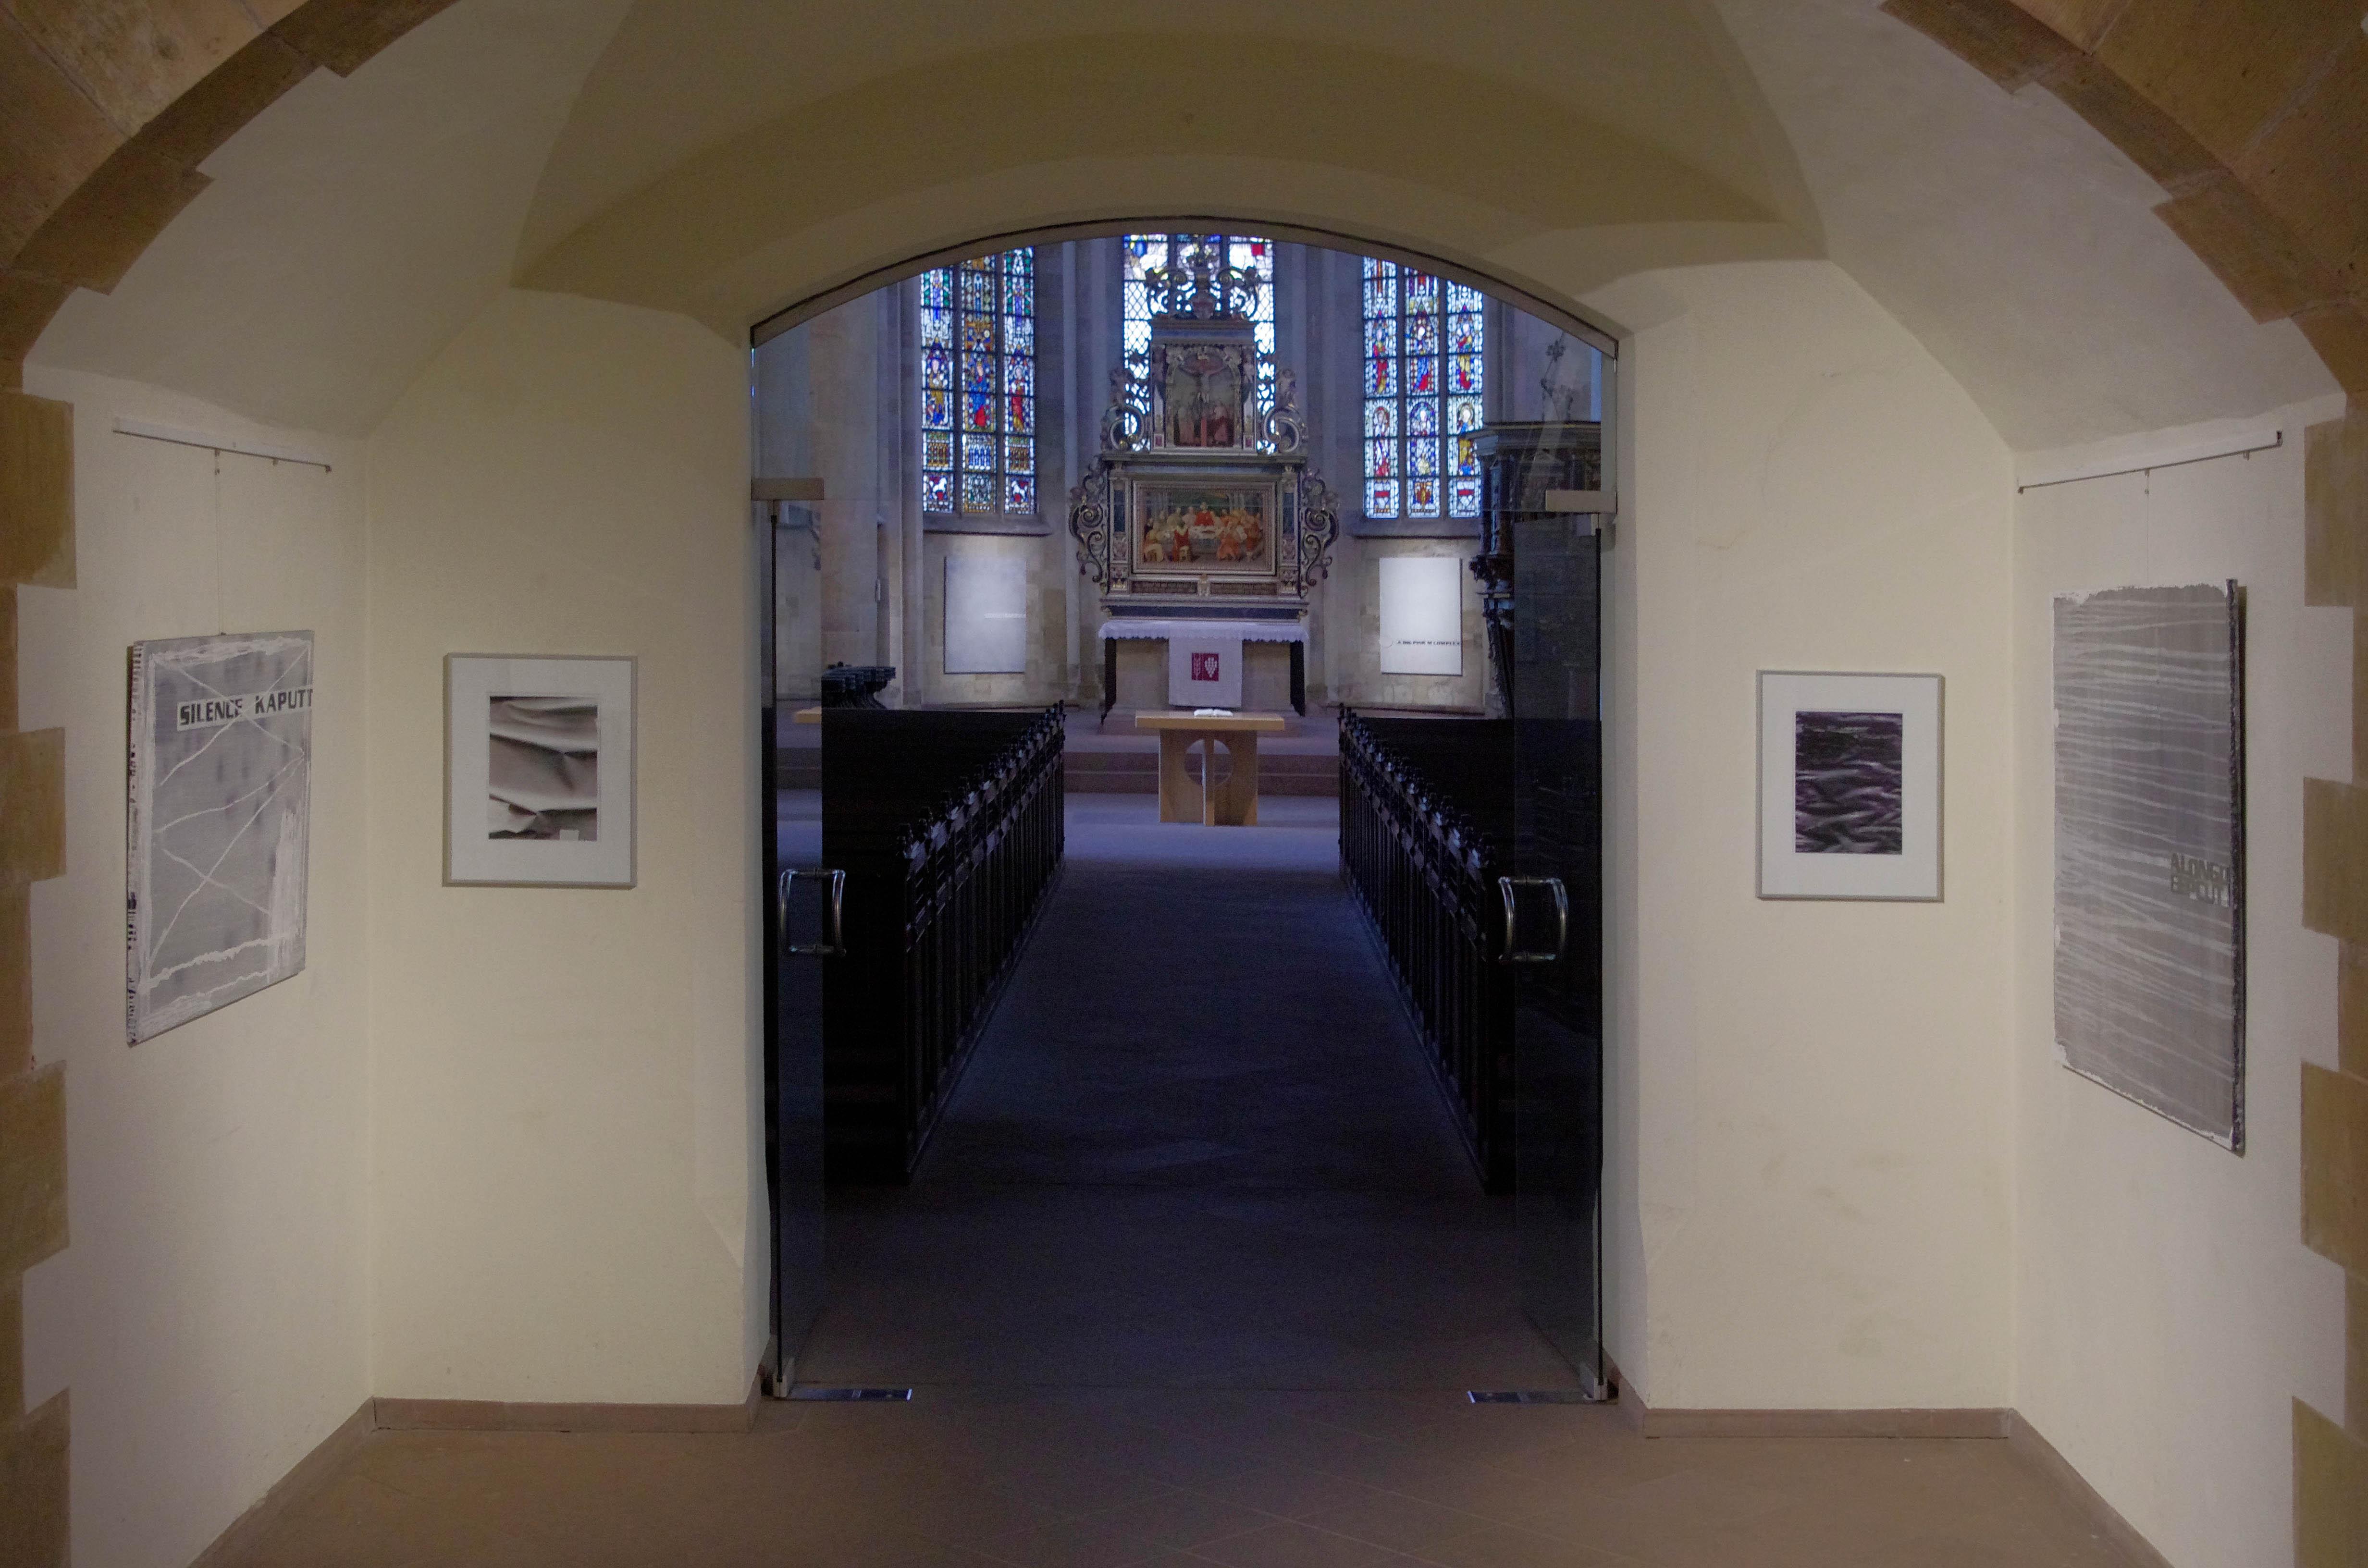 Die Ausstellung In Der St. Johanniskirche Zeigte Malerei Auf Leinwand, Holz  Und Papier Von Rainer Hoffrage. Sie War Vom 20.5.2017 Bis Zum 9.7.2017.